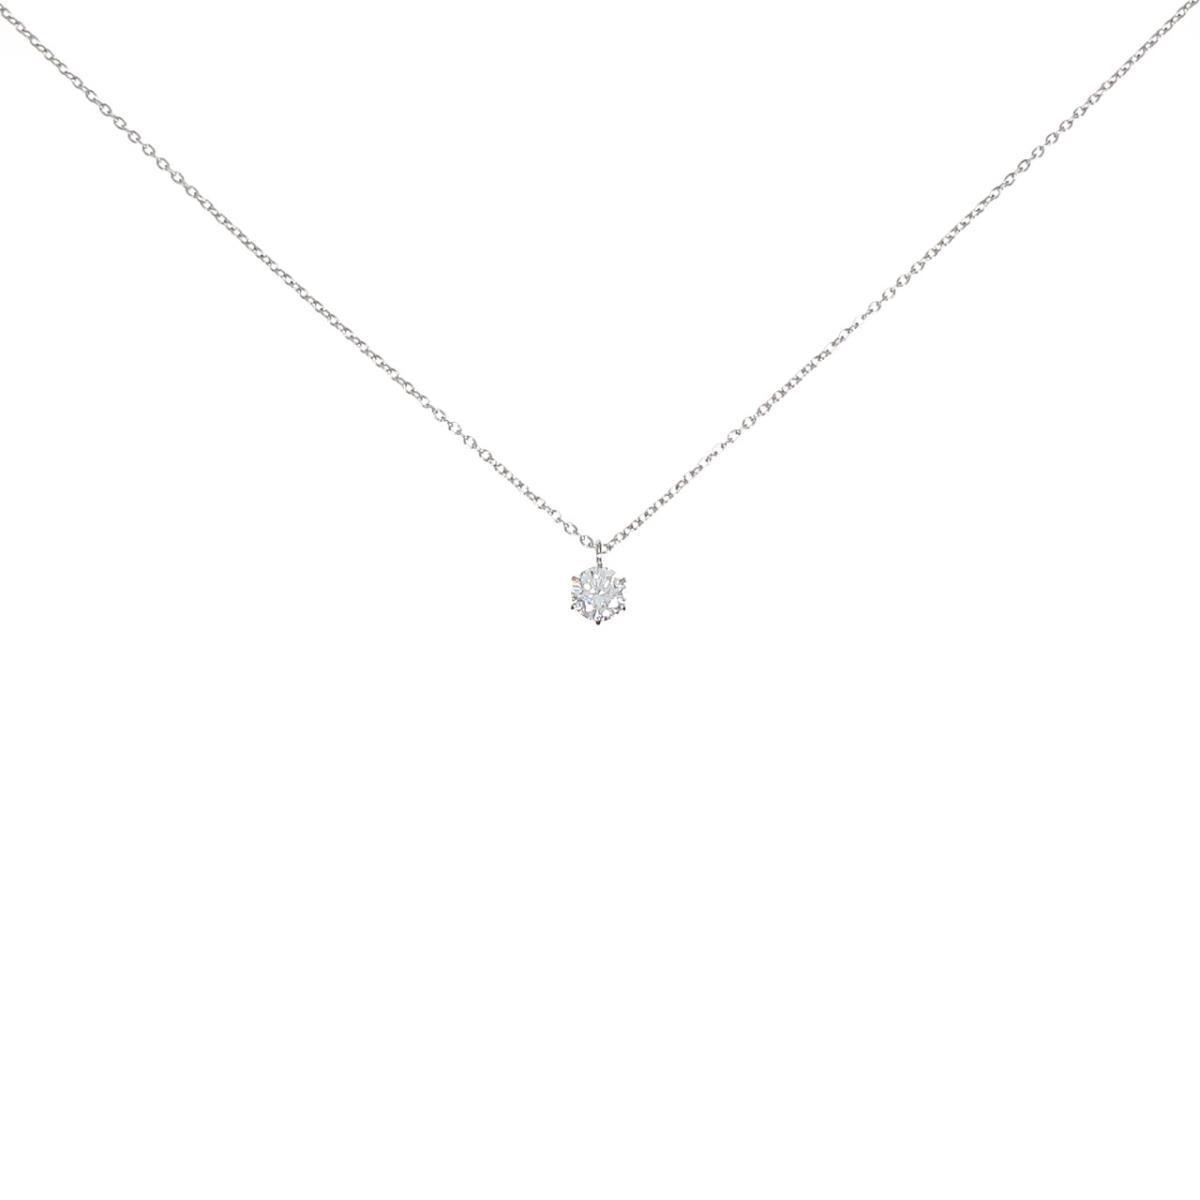 プラチナダイヤモンドネックレス 0.302ct・E・SI1・EXT H&C【中古】